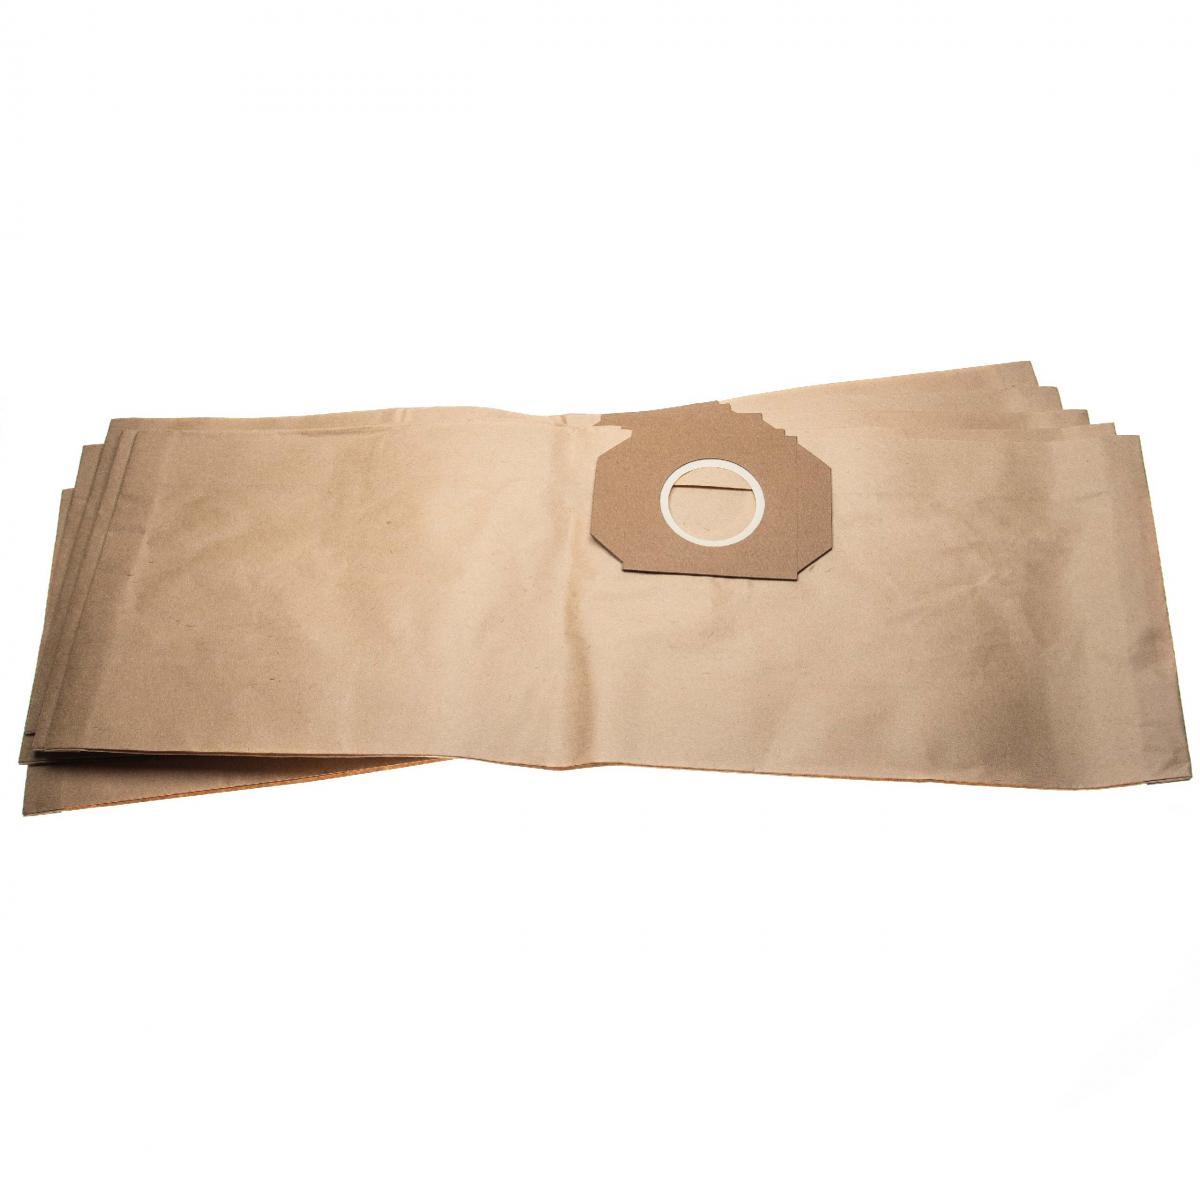 Vhbw vhbw 10 sacs papier compatible avec Thomas Power Edition 1520 C, Power Pack 1620, Power Pack 1620 C, Vario 20 aspirateur